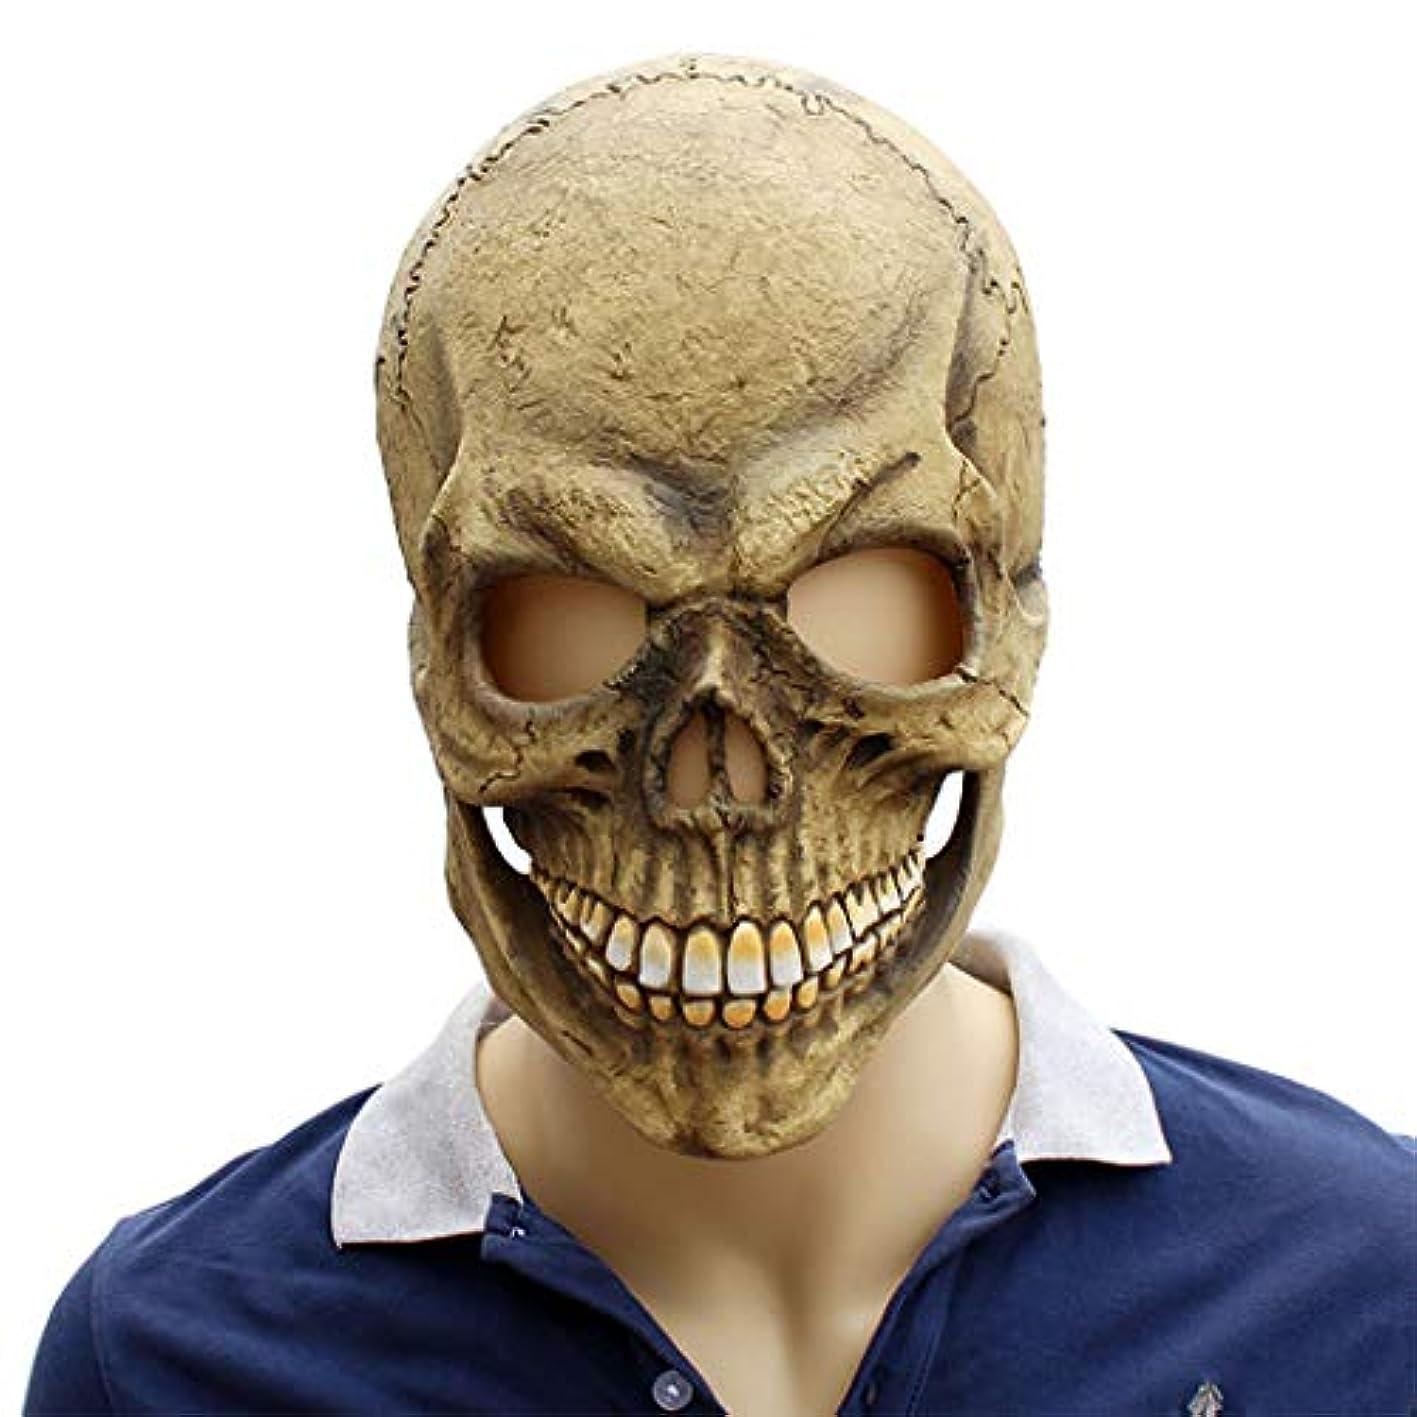 チャーター時肺ハロウィンラテックスヘッドギアスカルマスクお化け屋敷シークレットルームテロ小道具スリラーアイテム